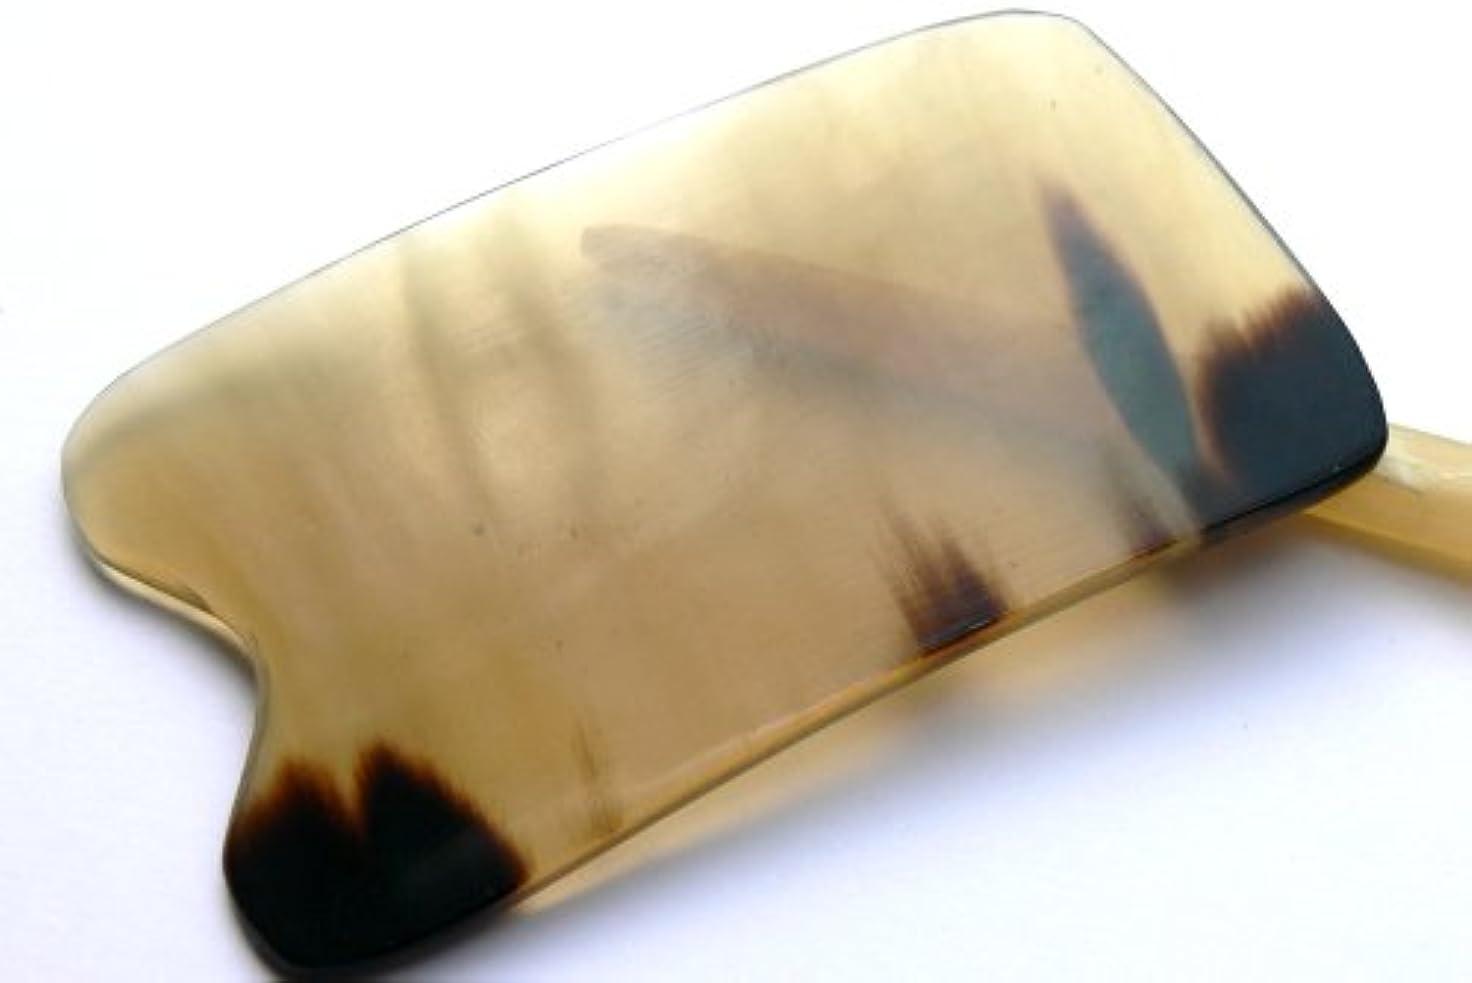 筋浸透するベルトかっさ板、美容、刮莎板、グアシャ板,水牛角製